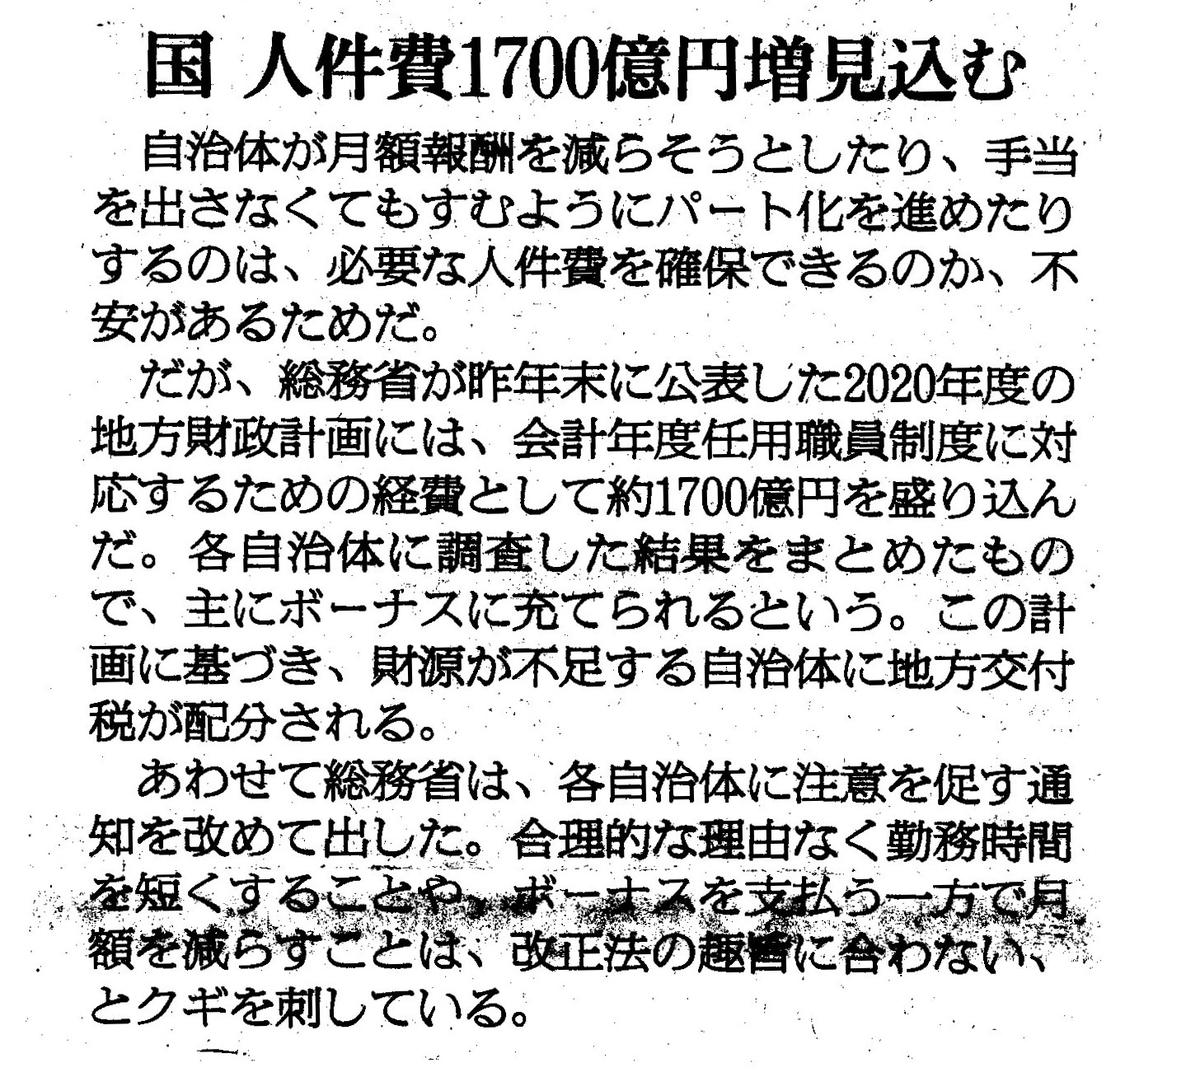 f:id:kenu2015:20200122105224j:plain